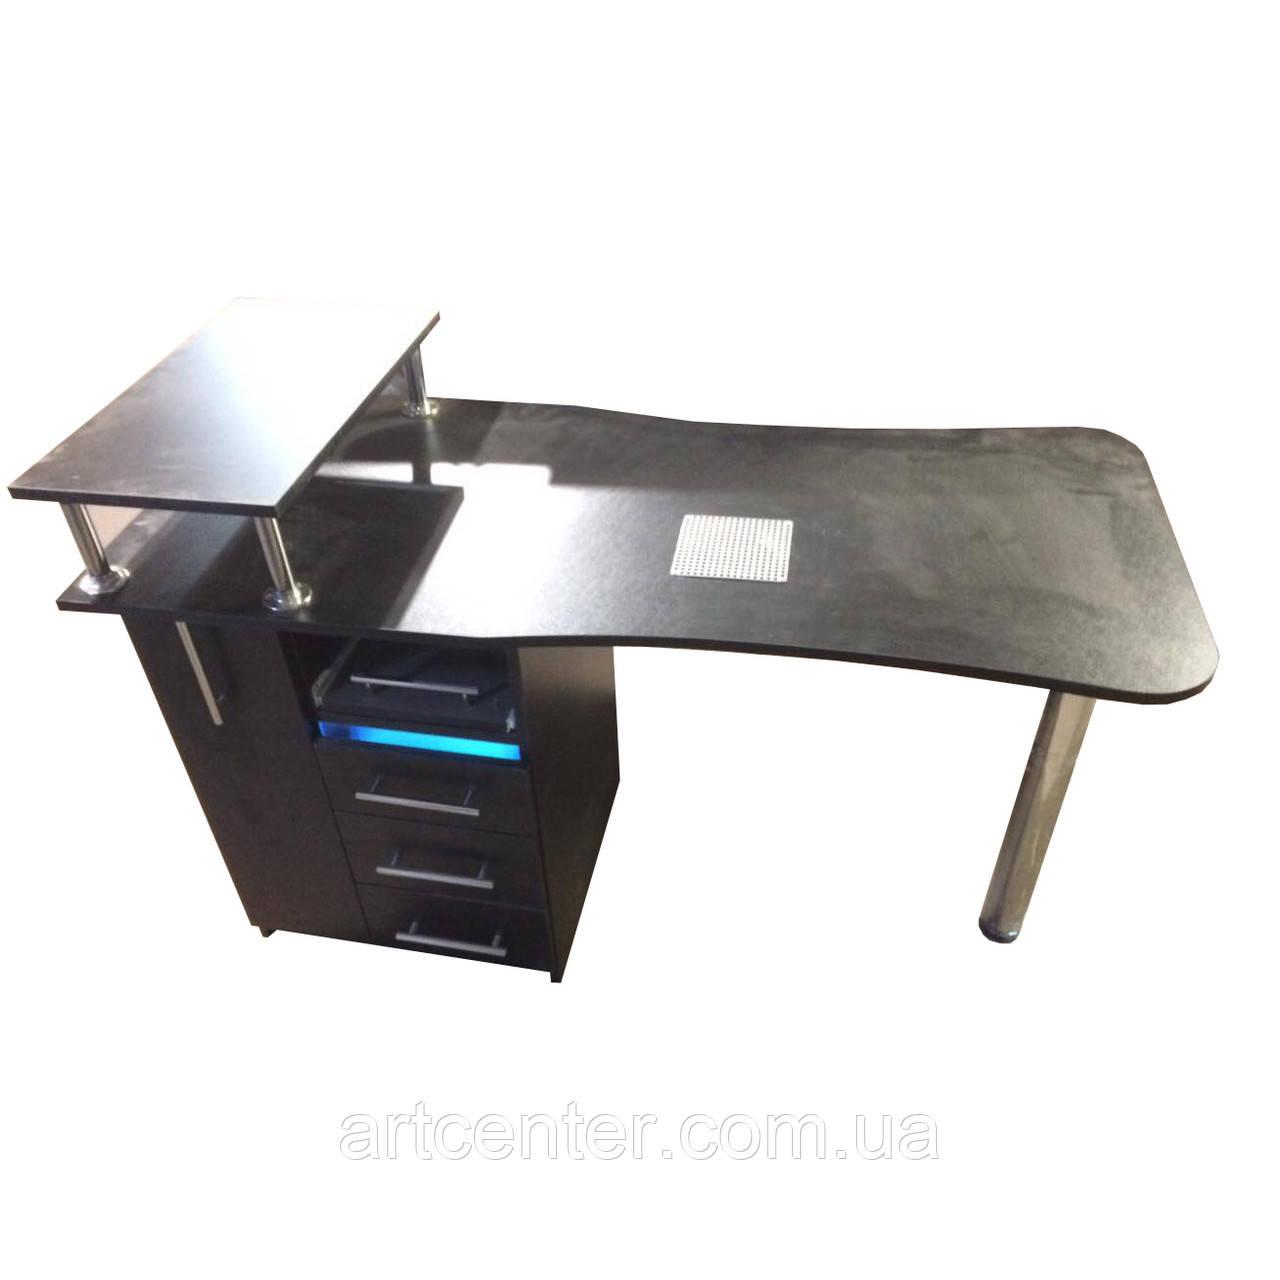 """Стіл для манікюру професійний з вбудованою УФ лампою в ящику, ящиком """"карго"""" і поличкою"""